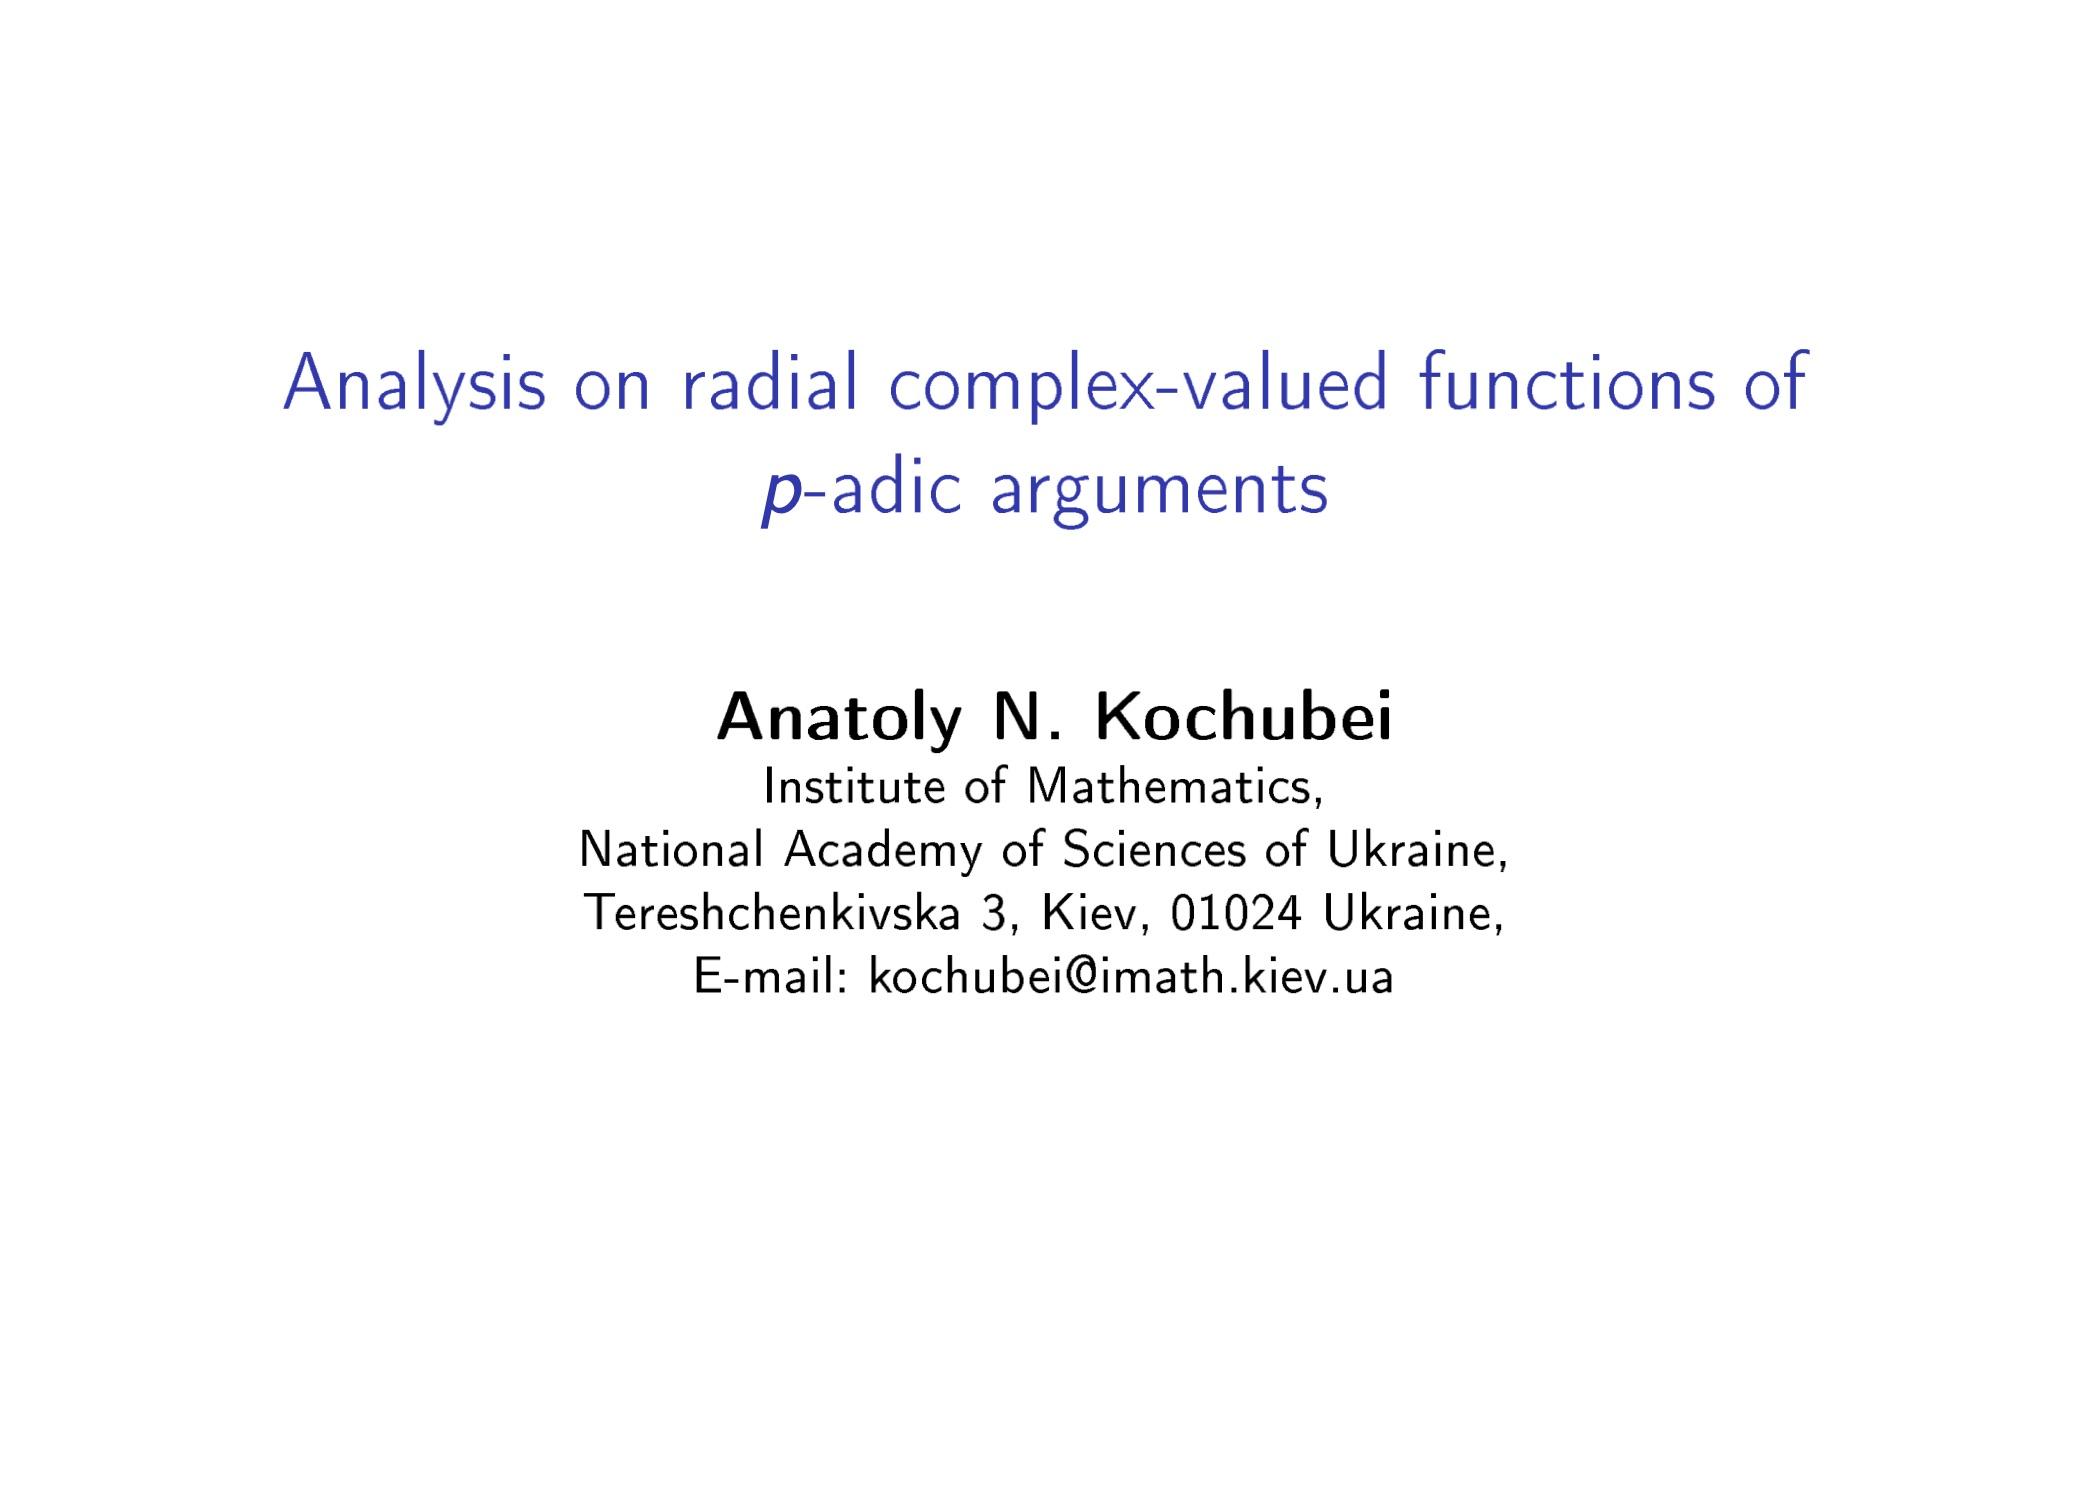 kochubei_radial2